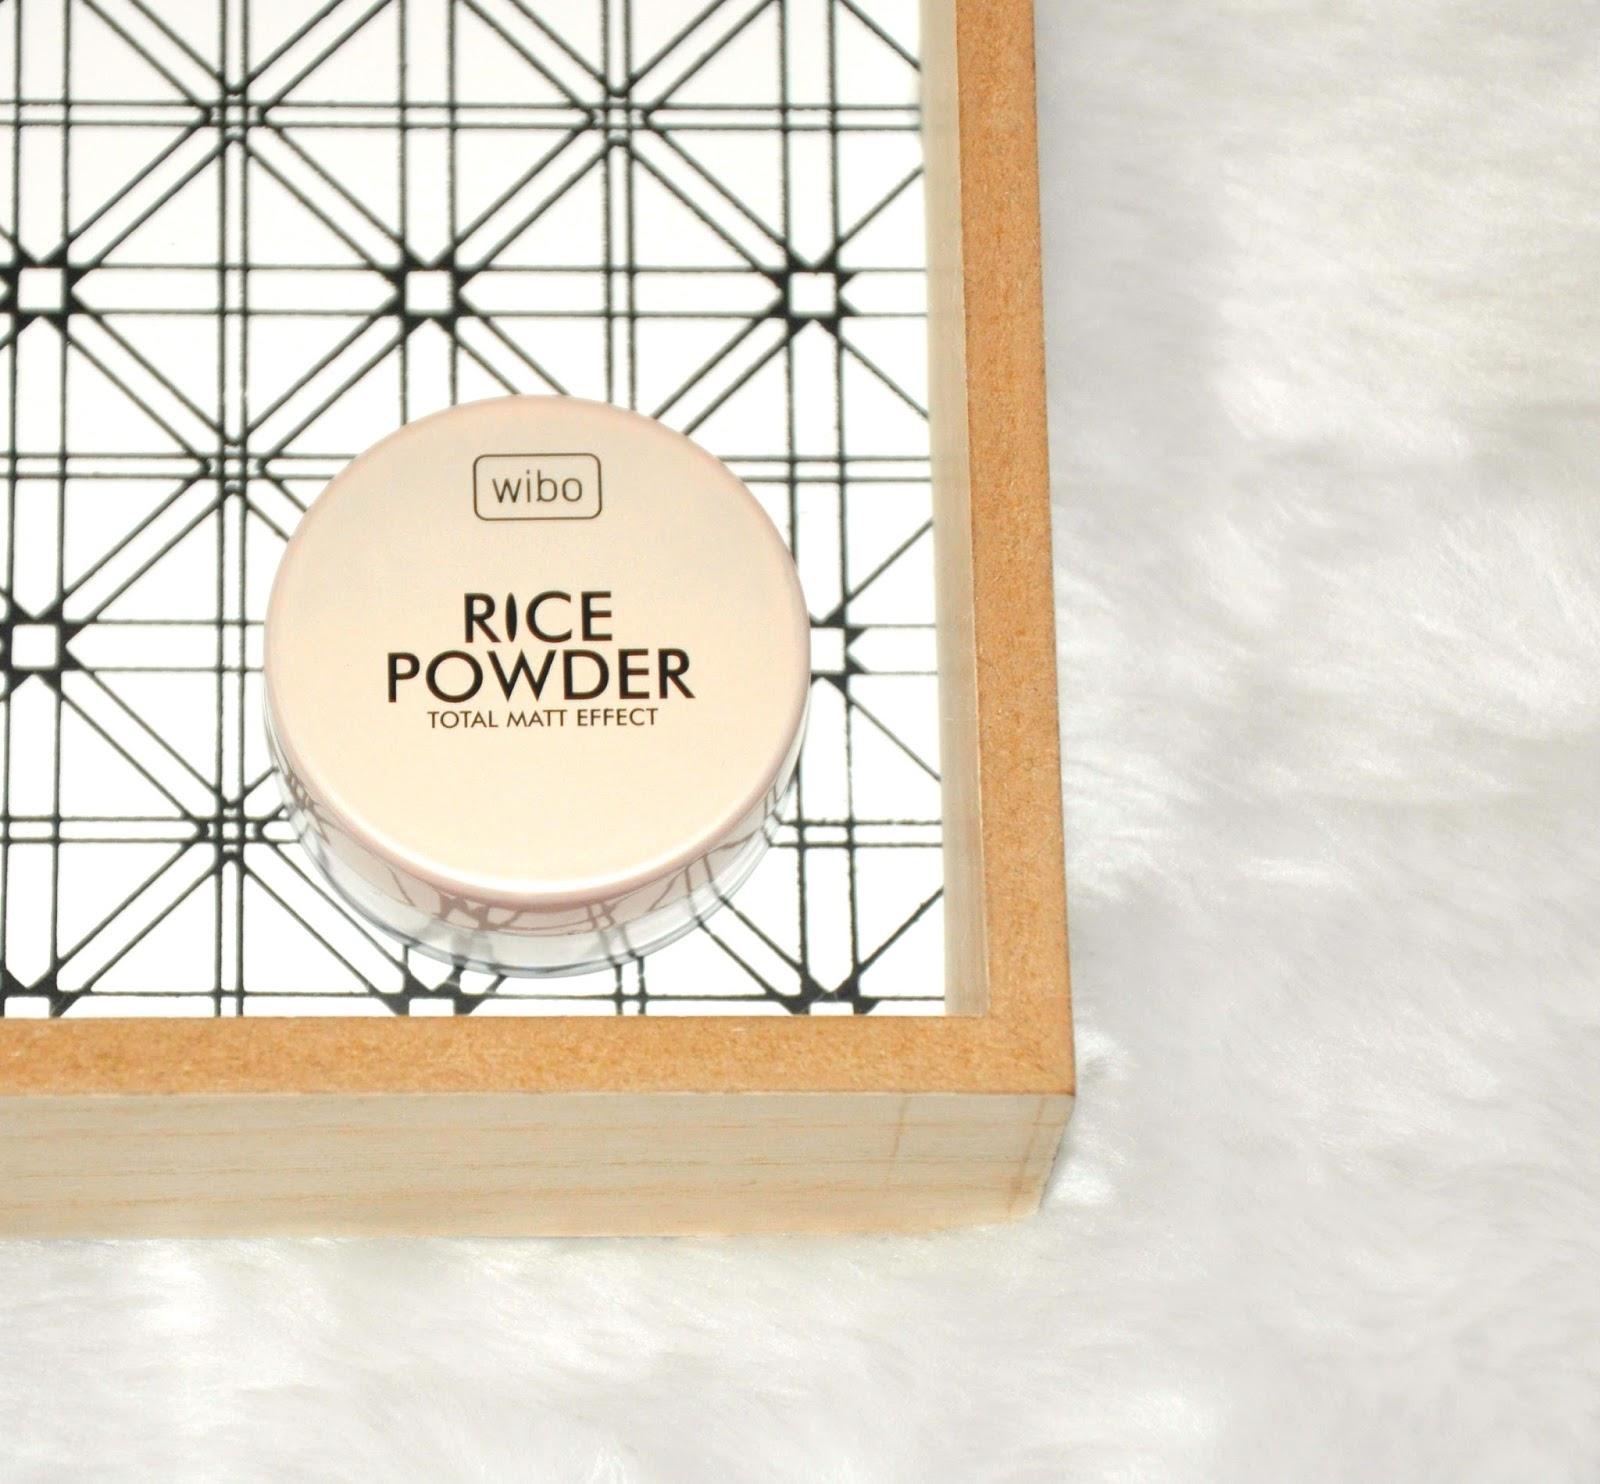 Drogeria Rossmann nieustannie rozszerza swoją ofertę o nowe produkty, a ja z zapartym tchem śledzę ten proceder i tworzę listę zakupów, którą mam zamiar konsekwentnie realizować. Dziś chciałabym Wam pokazać kilka kosmetycznych nowości, które już niebawem zadebiutują na półce w Rossmannie. - Wibo, Rice Powder, puder sypki Puder sypki, idealnie matuje cerę, znacznie wydłuża trwałość makijażu. Transparentny, nadający się do każdego rodzaju cery. - Garnier, Skin Naturals, żel micelarny do skóry wrażliwej,  Pierwszy od Garniera żel micelarny 3 w 1 do skóry wrażliwej. Multifunkcyjny żel do mycia twarzy, który nie tylko oczyszcza skórę, ale również usuwa makijaż z całej twarzy (w tym z oczu i ust) - w jednym geście. Idealnie czysta skóra. Testowany dermatologicznie i okulistycznie. Kojąca, bezzapachowa formuła, idealna do wszystkich typów skóry, również wrażliwej. - Glade by Brise, automatyczny odświeżacz powietrza o zapachu czystej świeżości Automatyczny odświeżacz powietrza Glade by Brise o zapachu czystej świeżości wprowadza do Twojego wnętrza cudowny i dostrzegalny zapach tydzień po tygodniu – automatycznie. Idealny do dużych pomieszczeń, eliminuje nieprzyjemny zapach i nadaje uczucie świeżości do 60 dni*. Pełni funkcję dekoracyjną. - Eveline Cosmetics, Slim Extreme 4D Professional, superskoncentrowane nocne serum antycellulitowe - Lady Speed Stick, Fresh & Essence Cool Fantasy, antyperspirant w sztyfcie Antyperspirant Lady Speed Stick Fresh&Essence Cool Fantasy zapewnia 48 godzinną ochronę przed potem i nieprzyjemnym zapachem oraz wyjątkową woń inspirowaną kwiatem kwitnącej wiśni. -  Palmolive, Gourmet Coconut, żel pod prysznic Żel pod prysznic Palmolive Gourmet Coconut. Kremowy żel pod prysznic z ekstraktem z kokosa. Kusząco zmysłowa skóra. - Glade by Brise, Owoce Leśne, świeca zapachowa Świeca zapachowa o słodkim zapachu owoców leśnych. - Carex, antybakteryjne mydło w kostce, Aloe Vera Antybakteryjne mydło w kostce Carex Aloe Vera. Dokładnie oczyszcza skórę. Zawiera